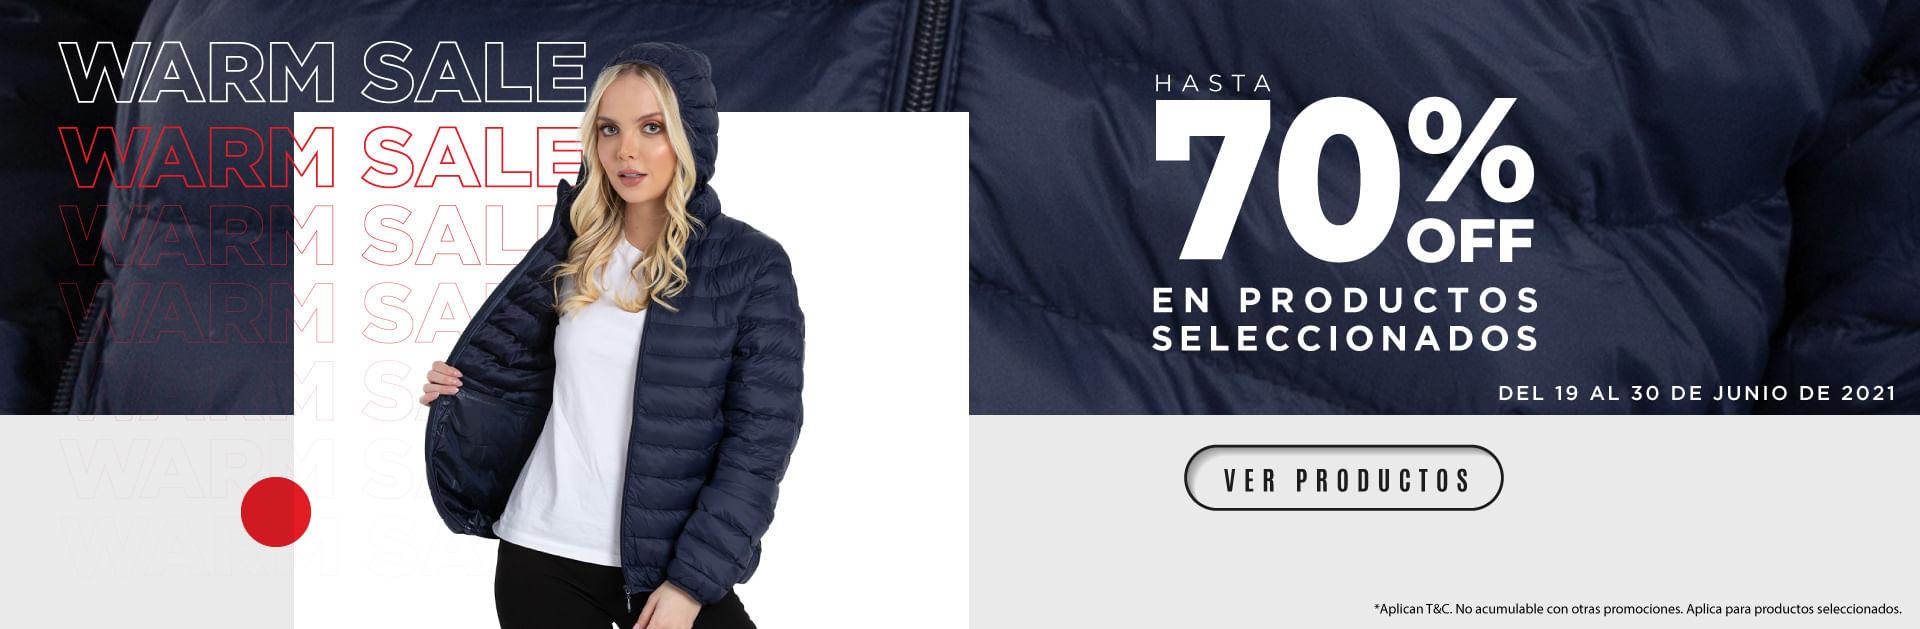 Descuentos Warm Sale THM 2021hasta del 70% OFF